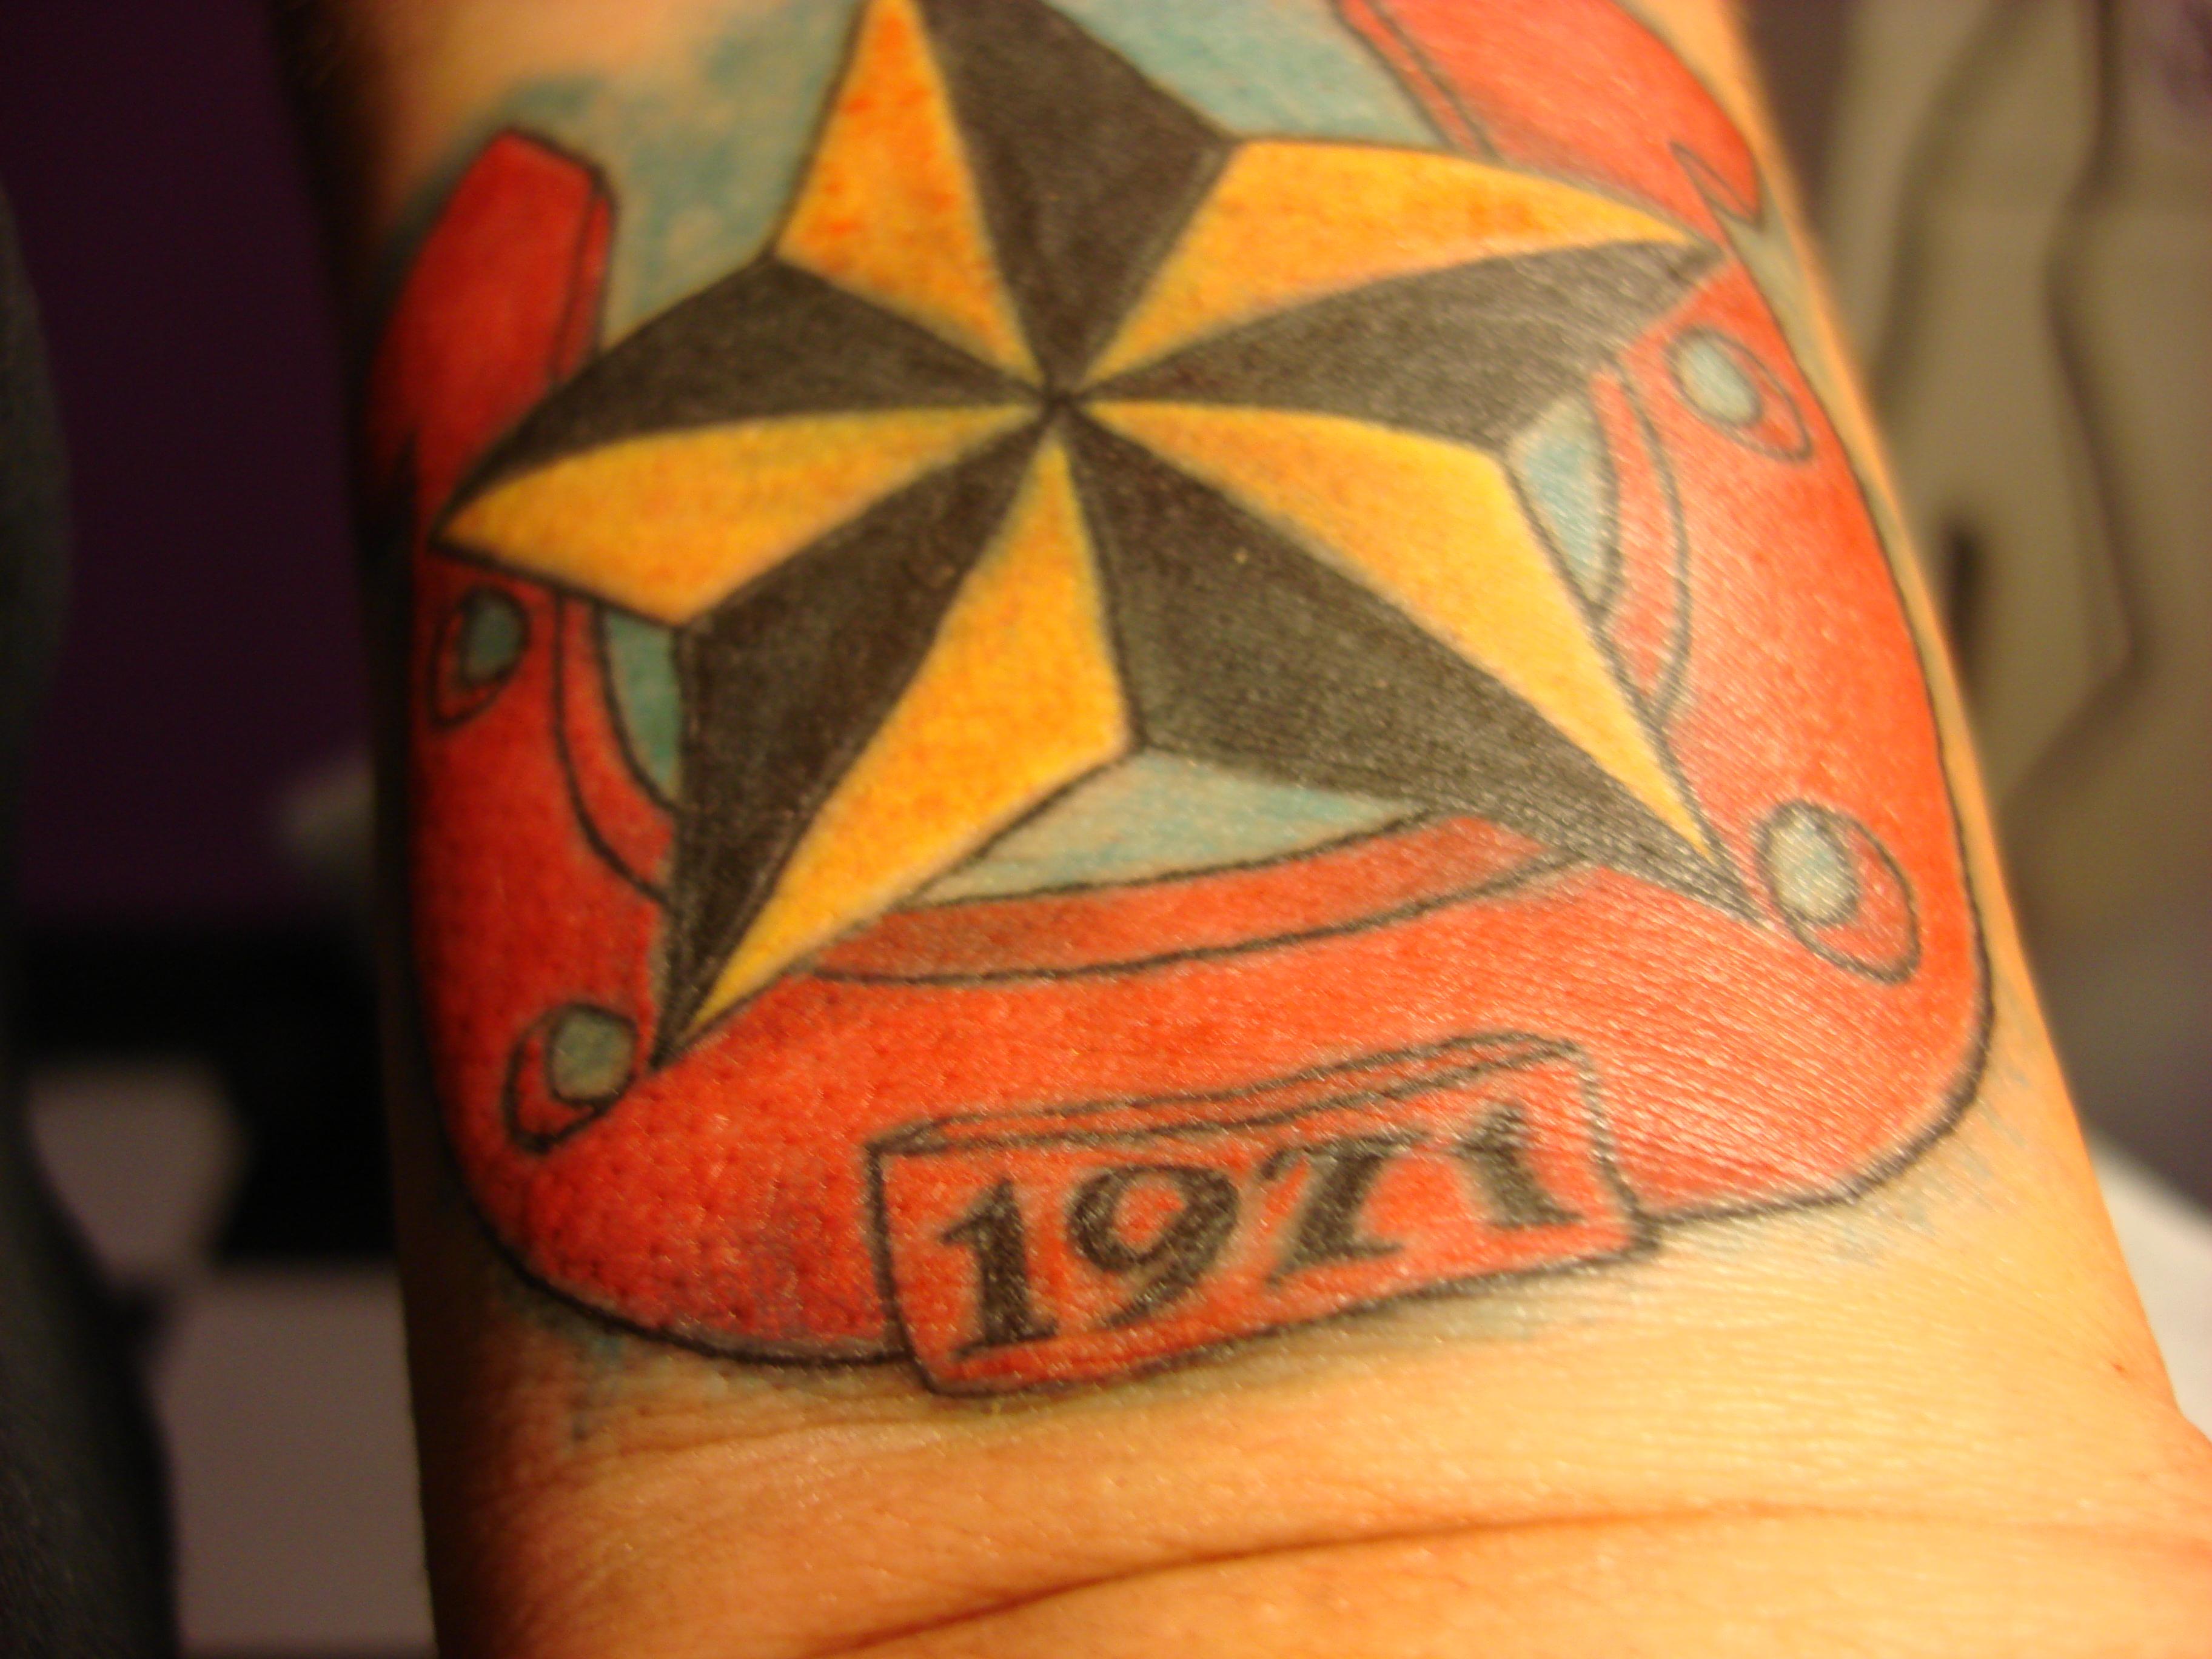 personal tattoos tattoo circa71 bull sitting tag shading cloud